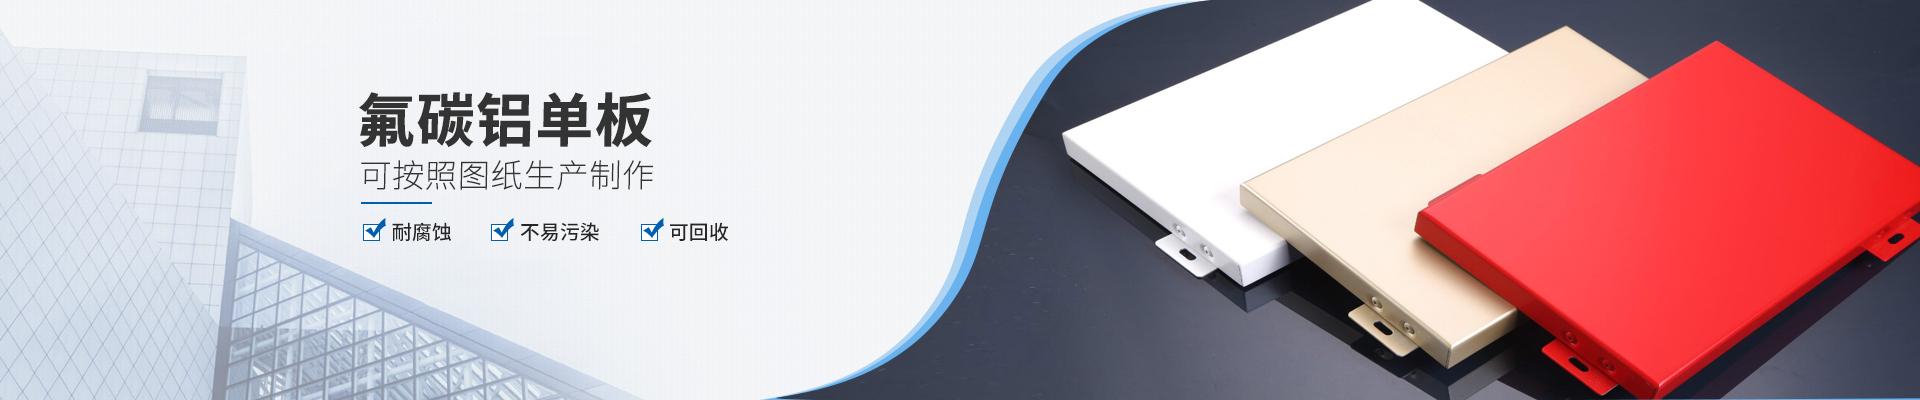 氟碳铝单板,可按照图纸生产制作